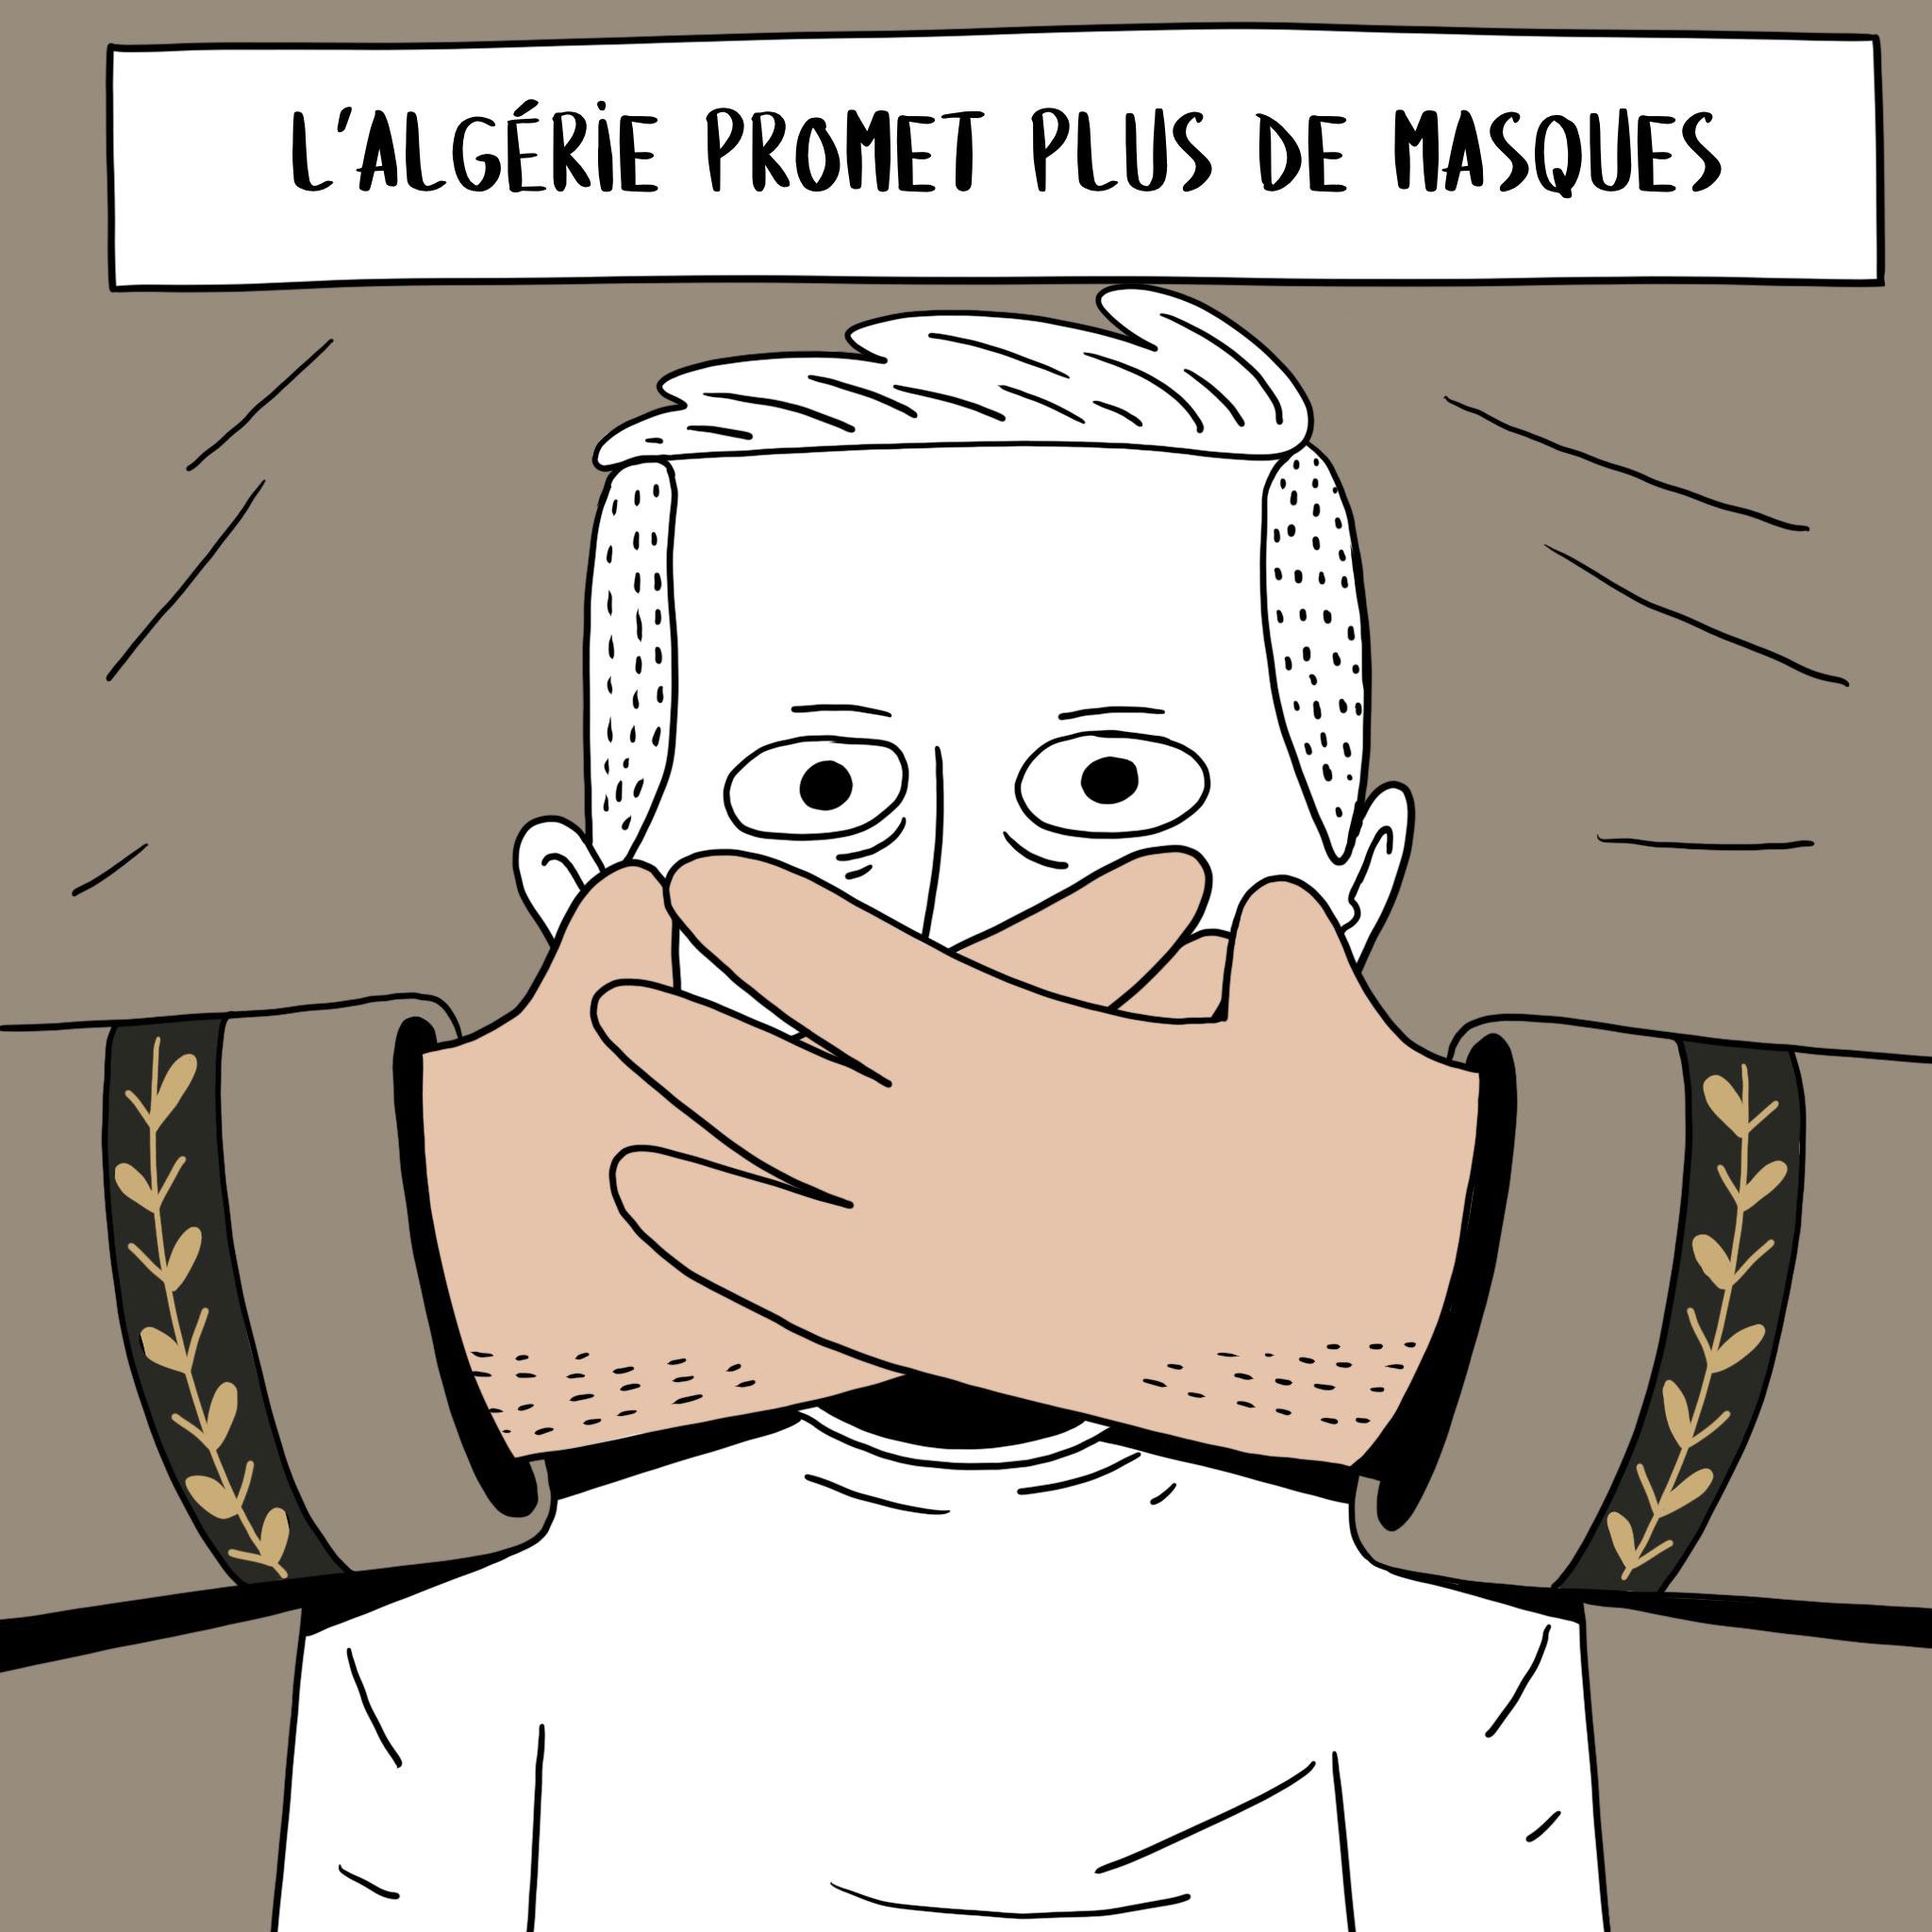 Caricature du dessinateur algérien Salim Zerrouki